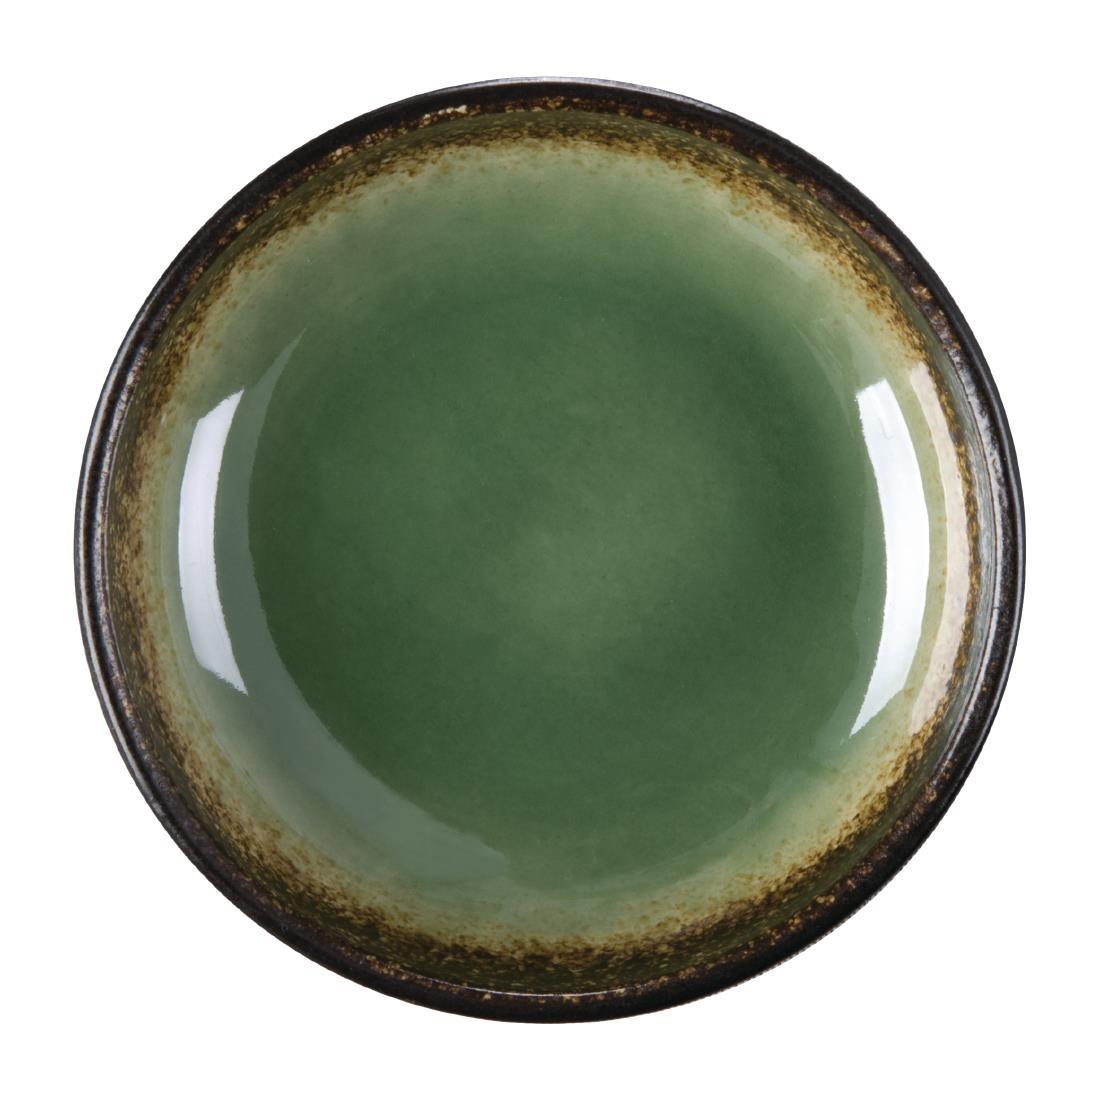 Tapas Dipping Dish - Green